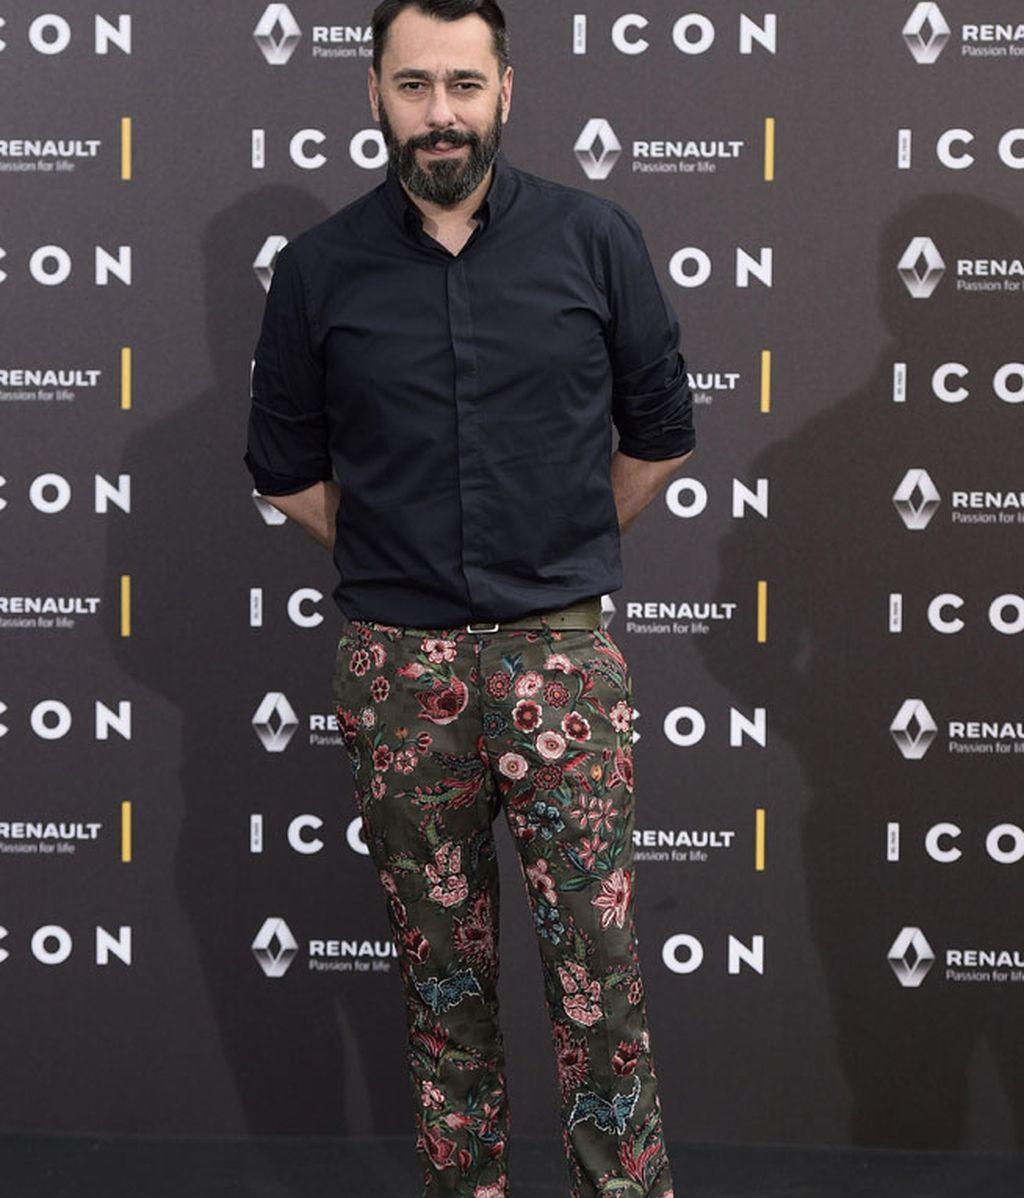 El diseñador Juanjo Oliva, pantalón de flores con negro